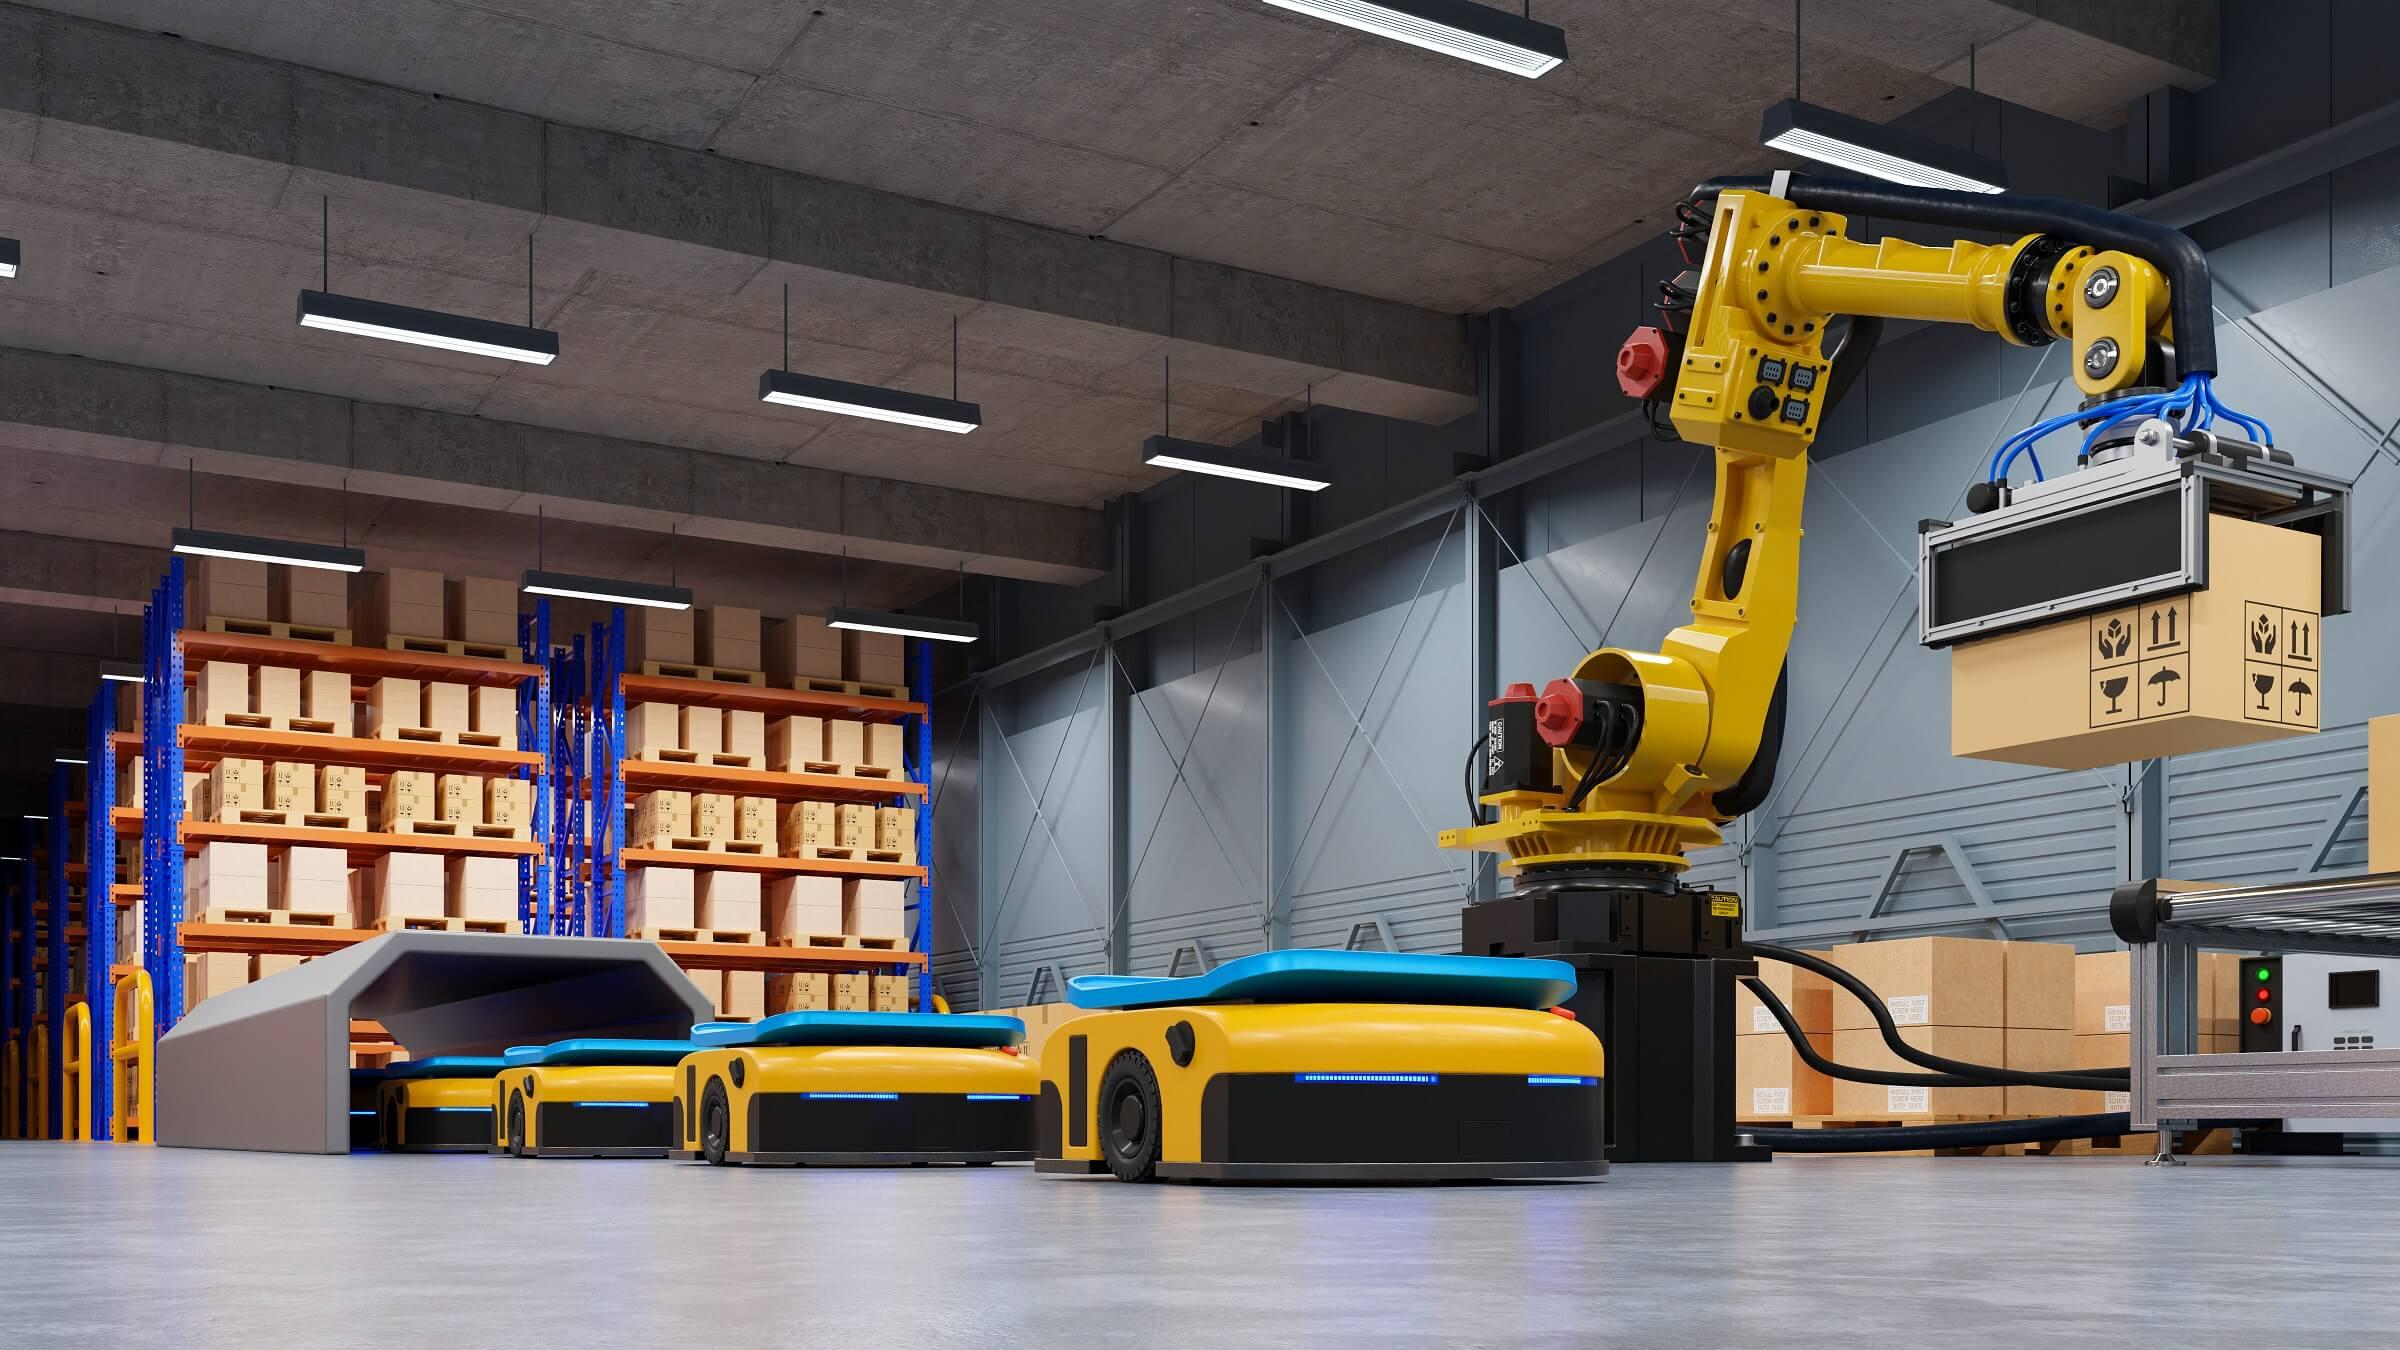 Roboti obavljaju rutinske i opasne poslove u tvornicama i skladištima.